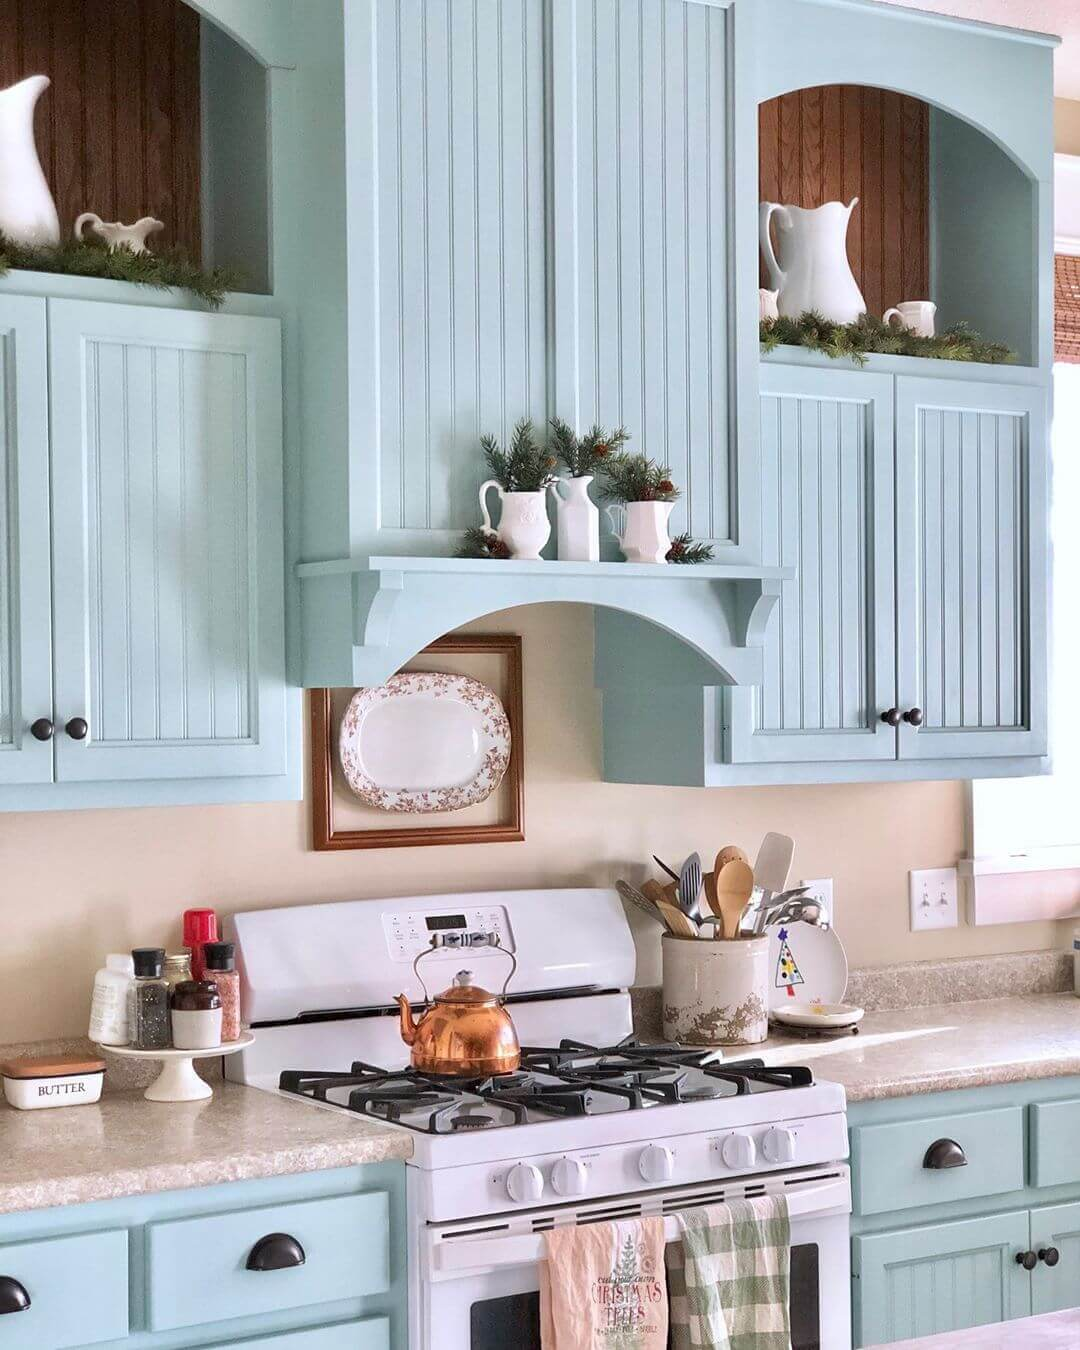 коричнево-голубая кухня в нежных пастельных тонах